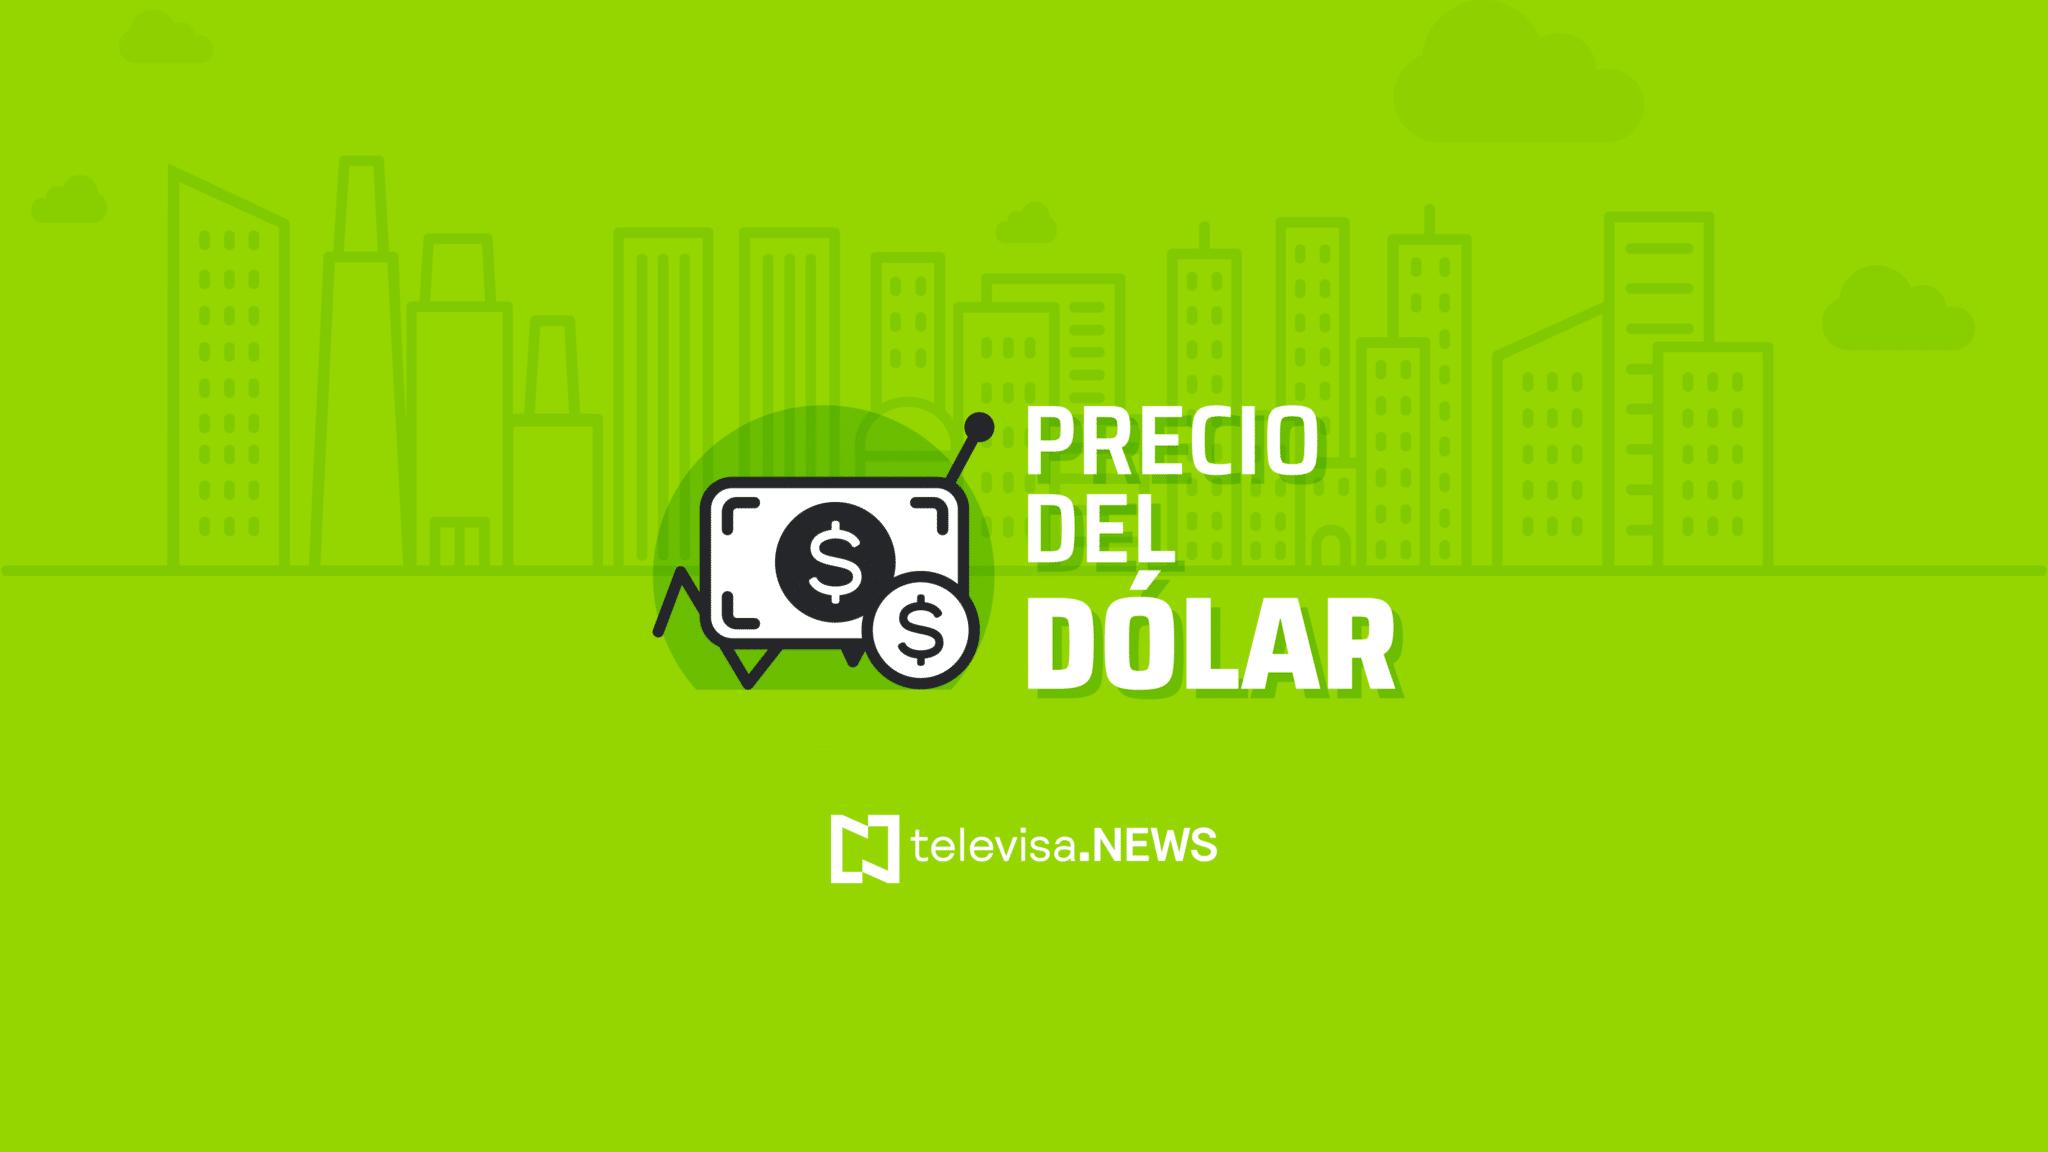 ¿Cuál es el precio del dólar hoy 13 de julio?